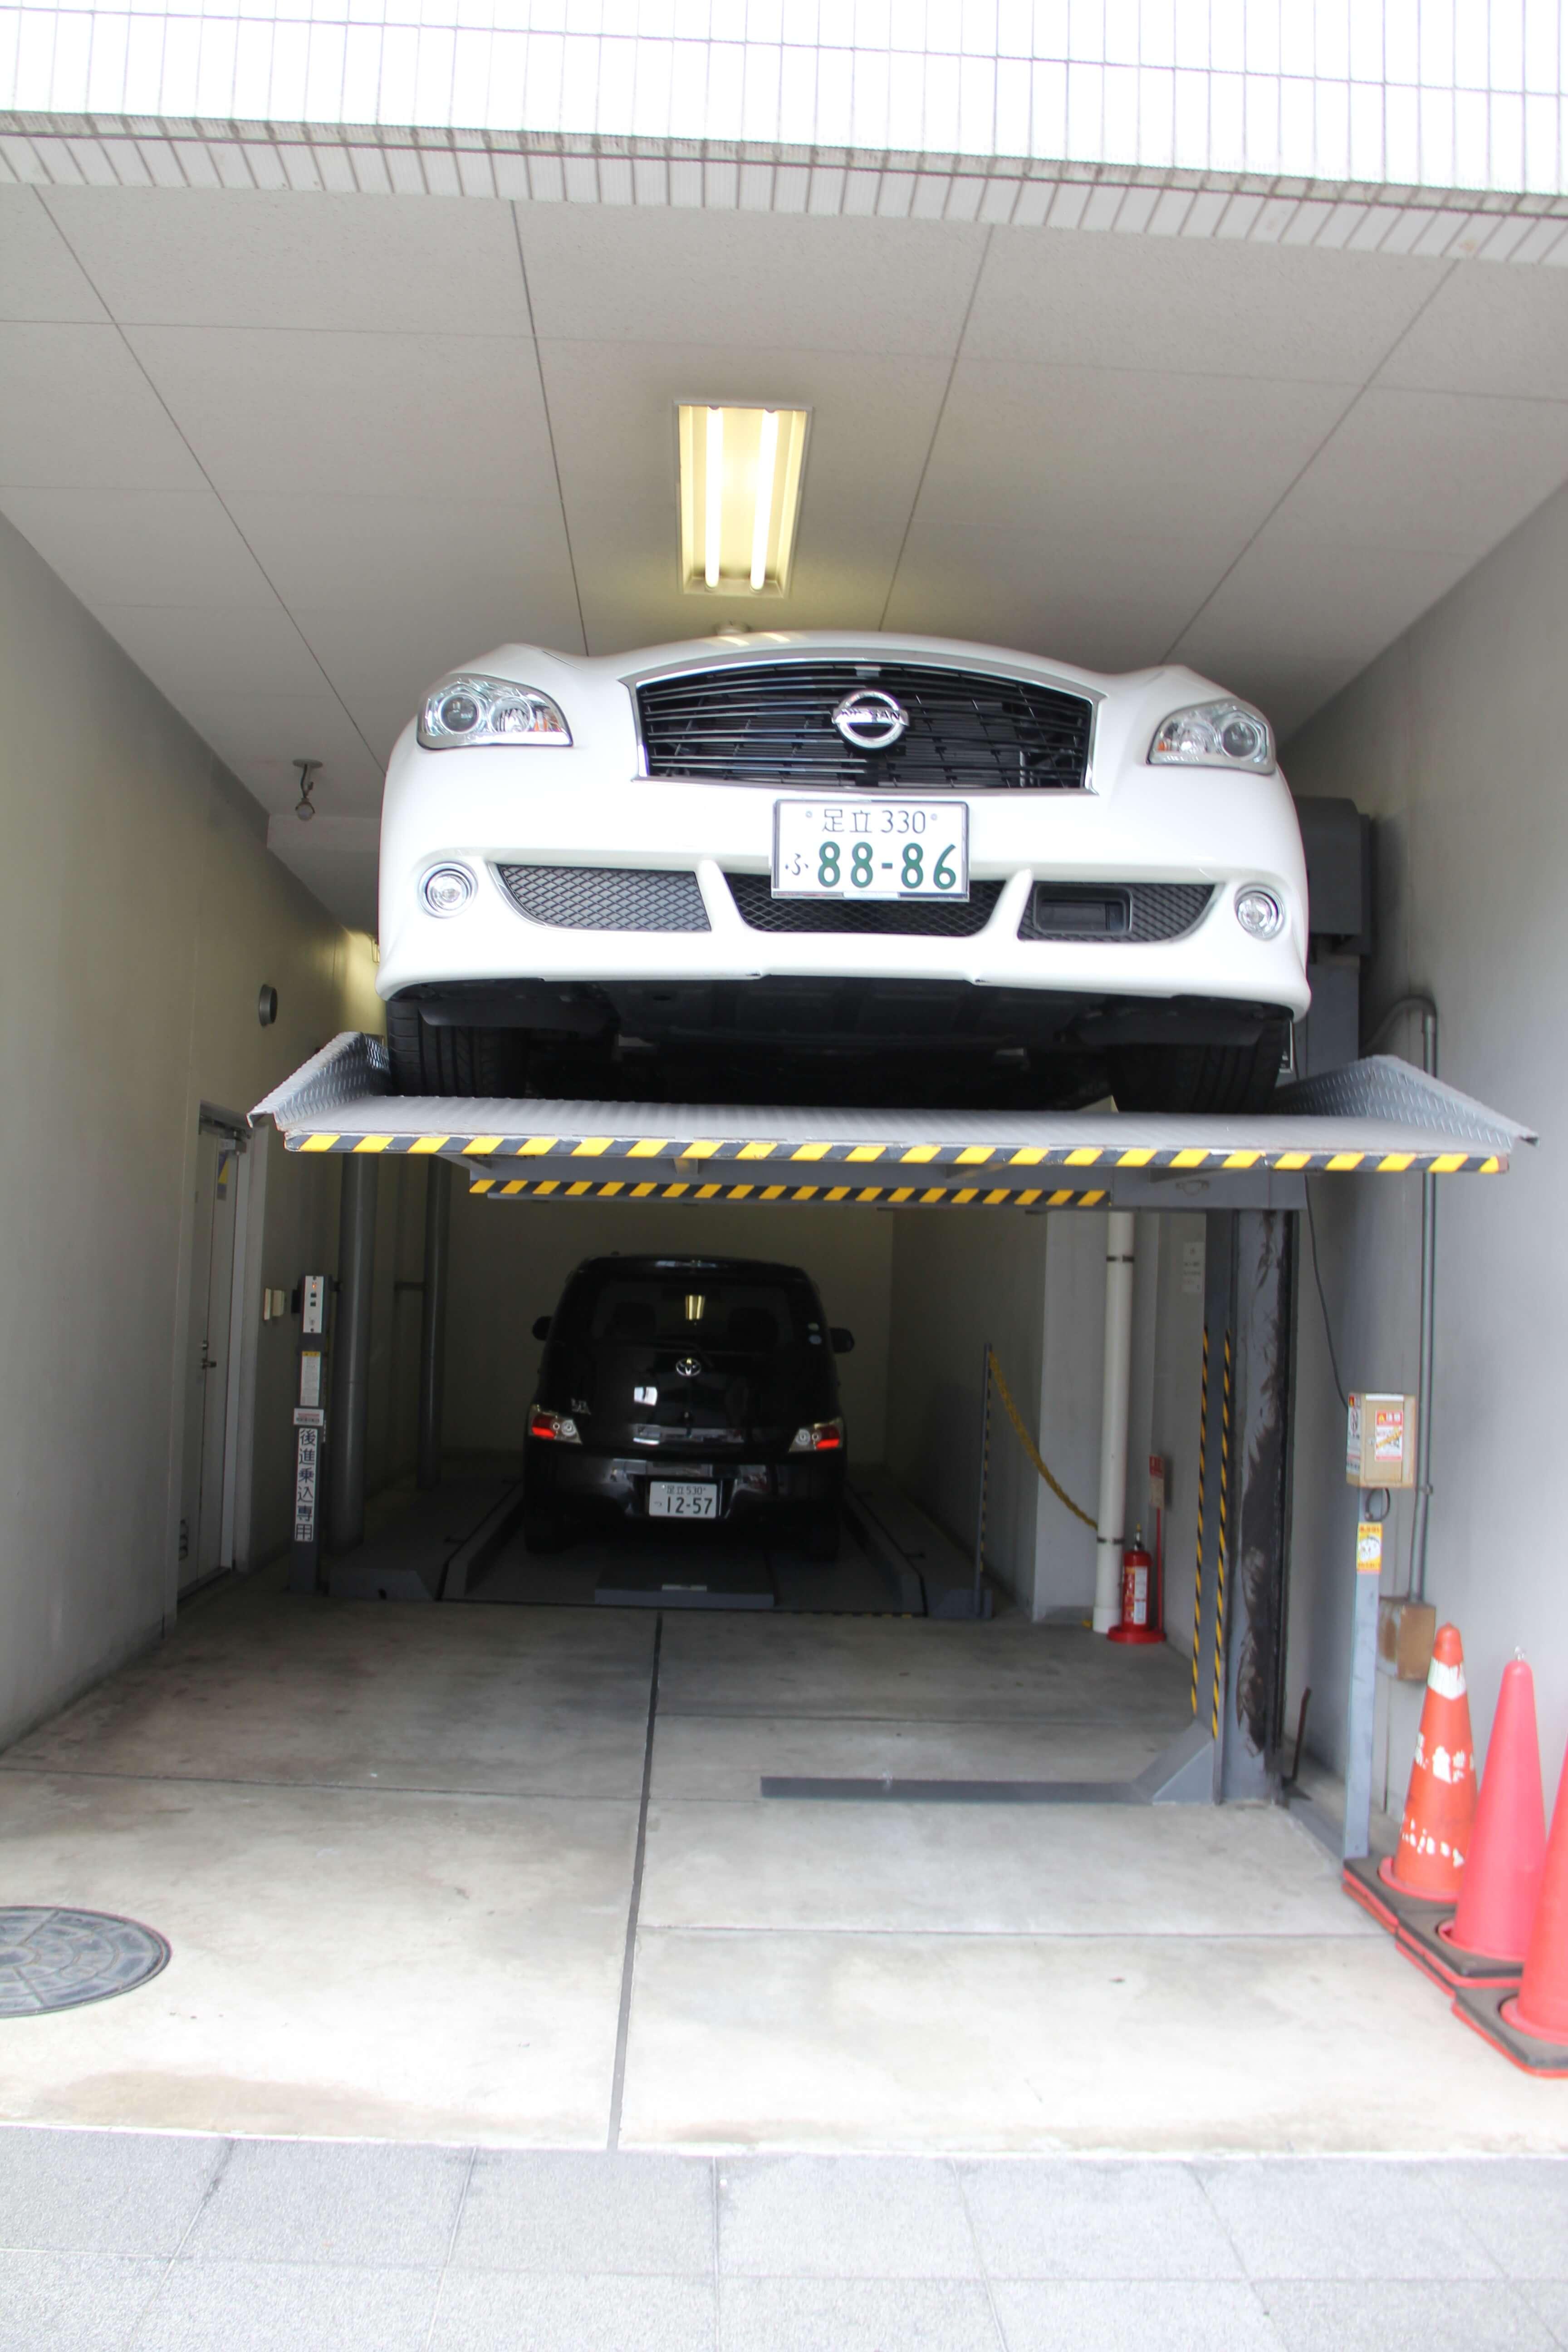 подъемник для авто в токио